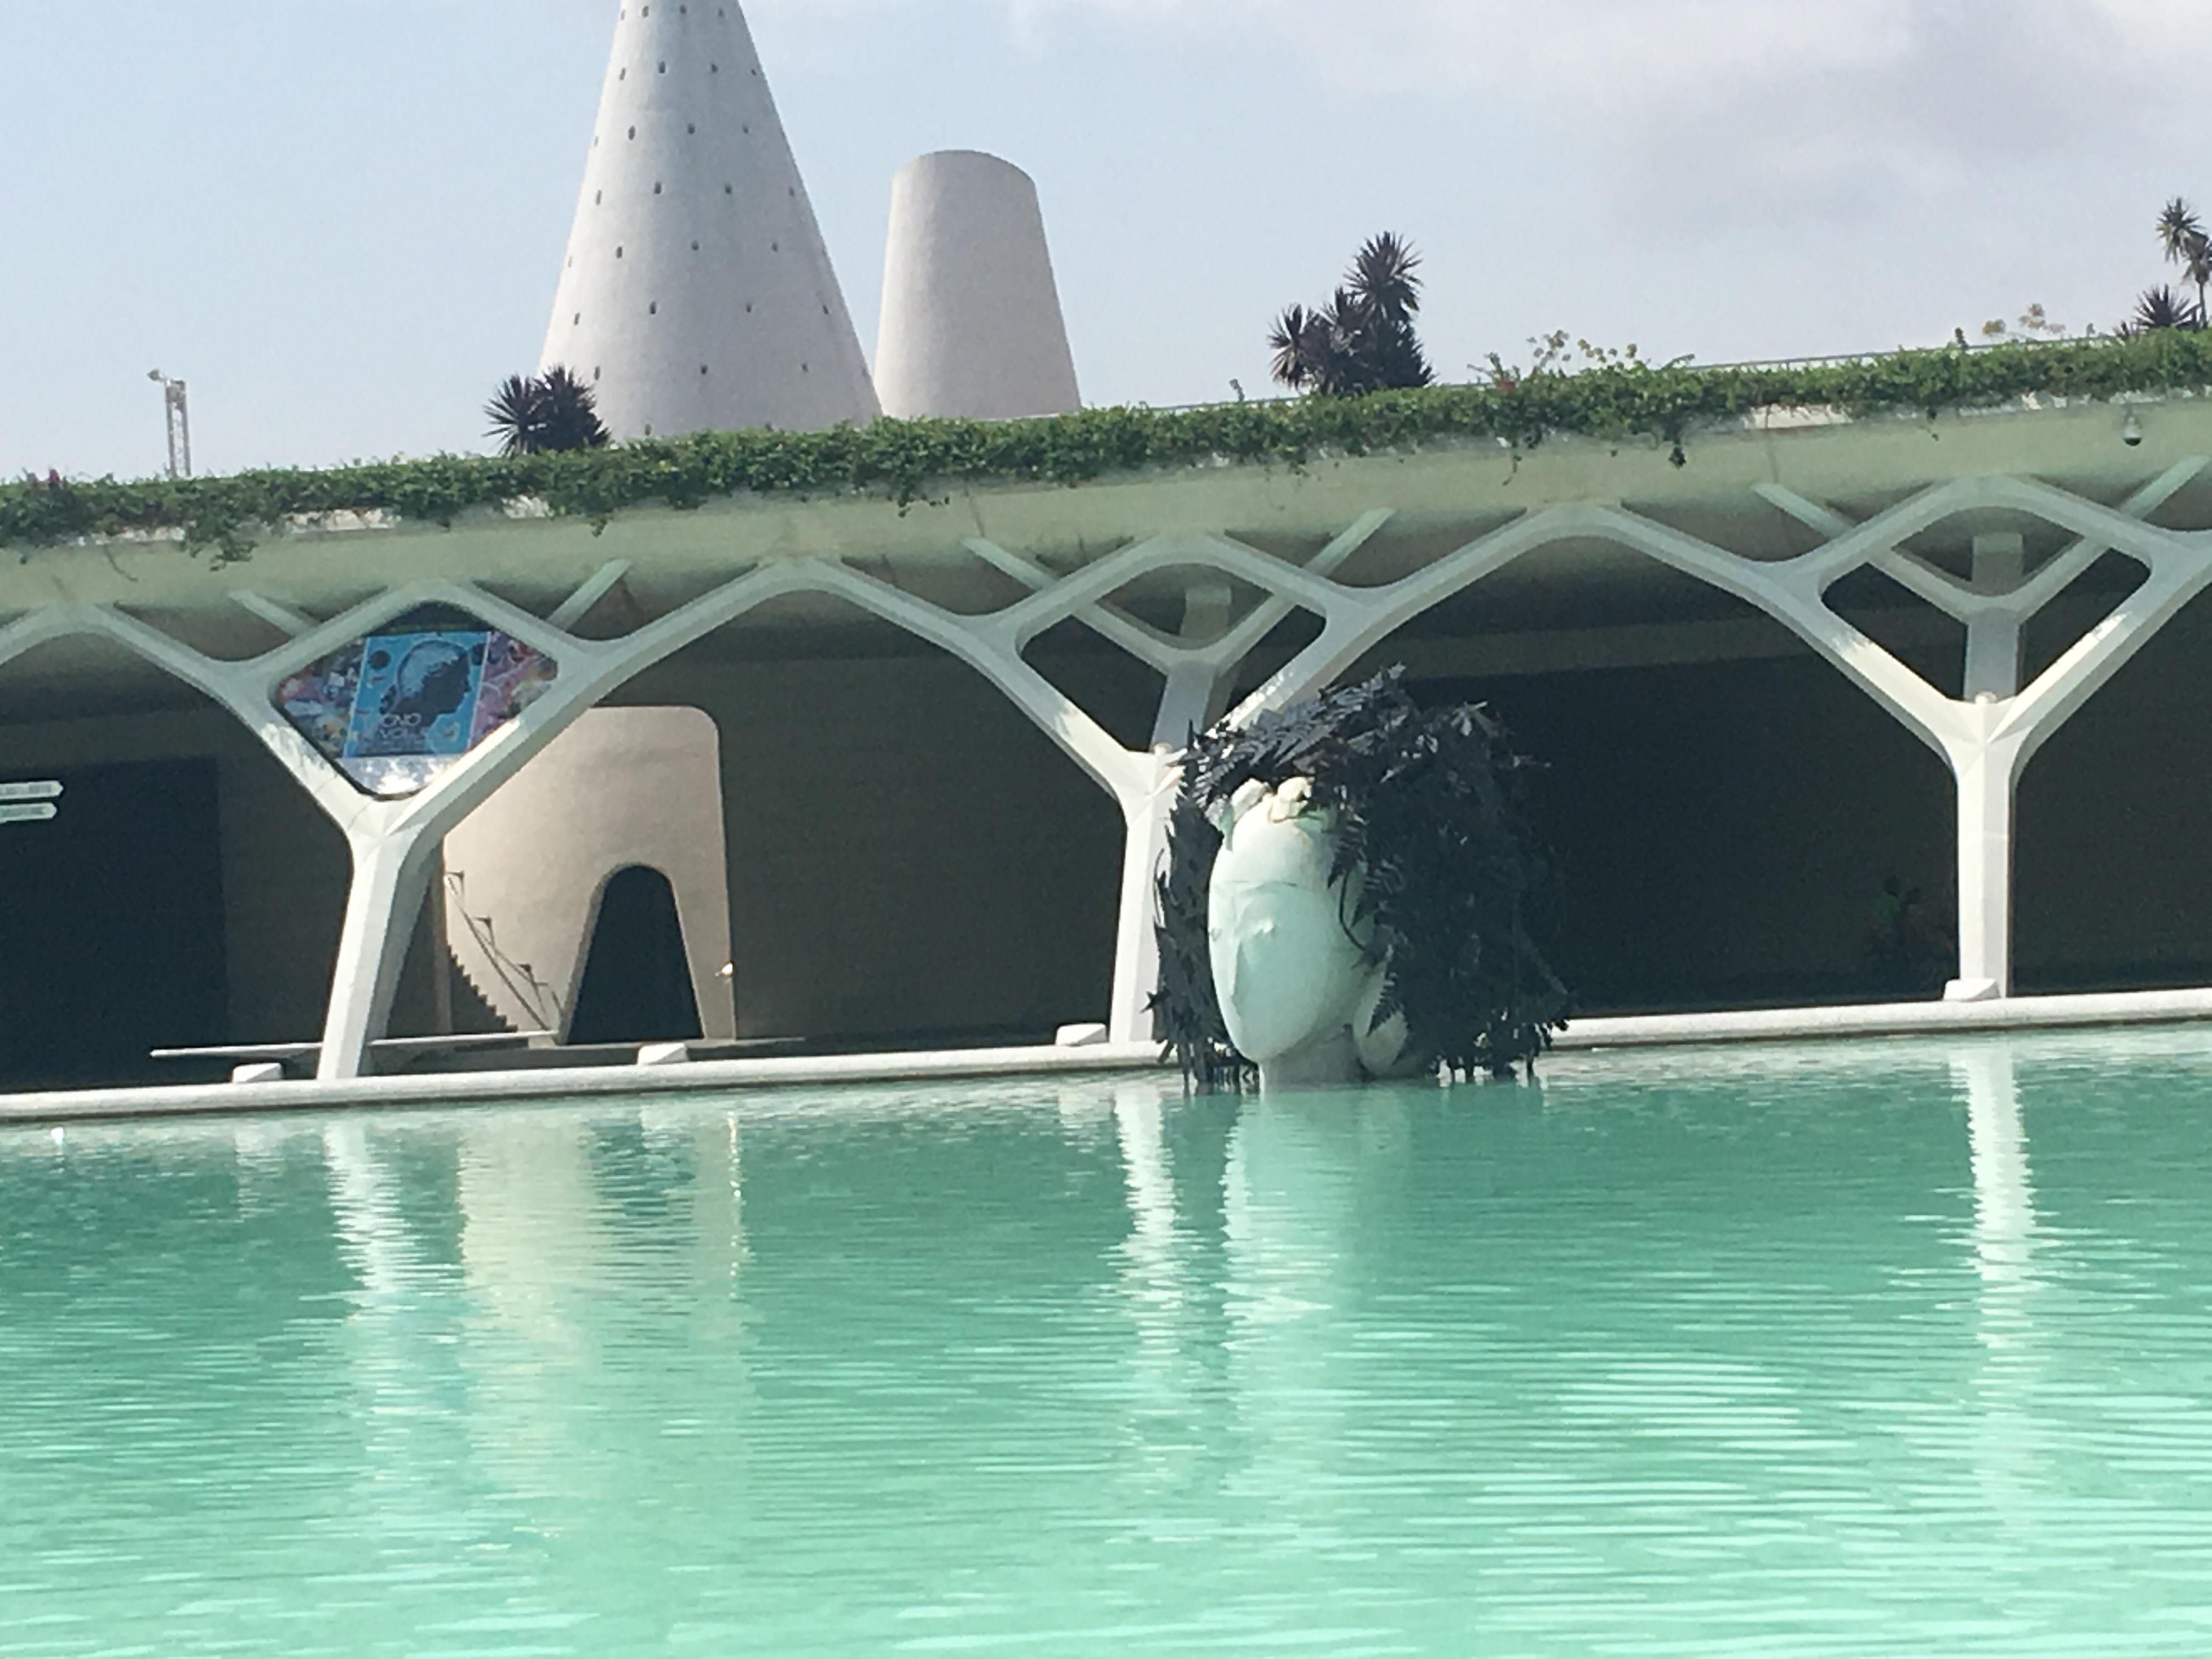 Zenitude-Profonde-le-mag-manolo-valdes-Valencia- palacio de las artes y de las sciencias